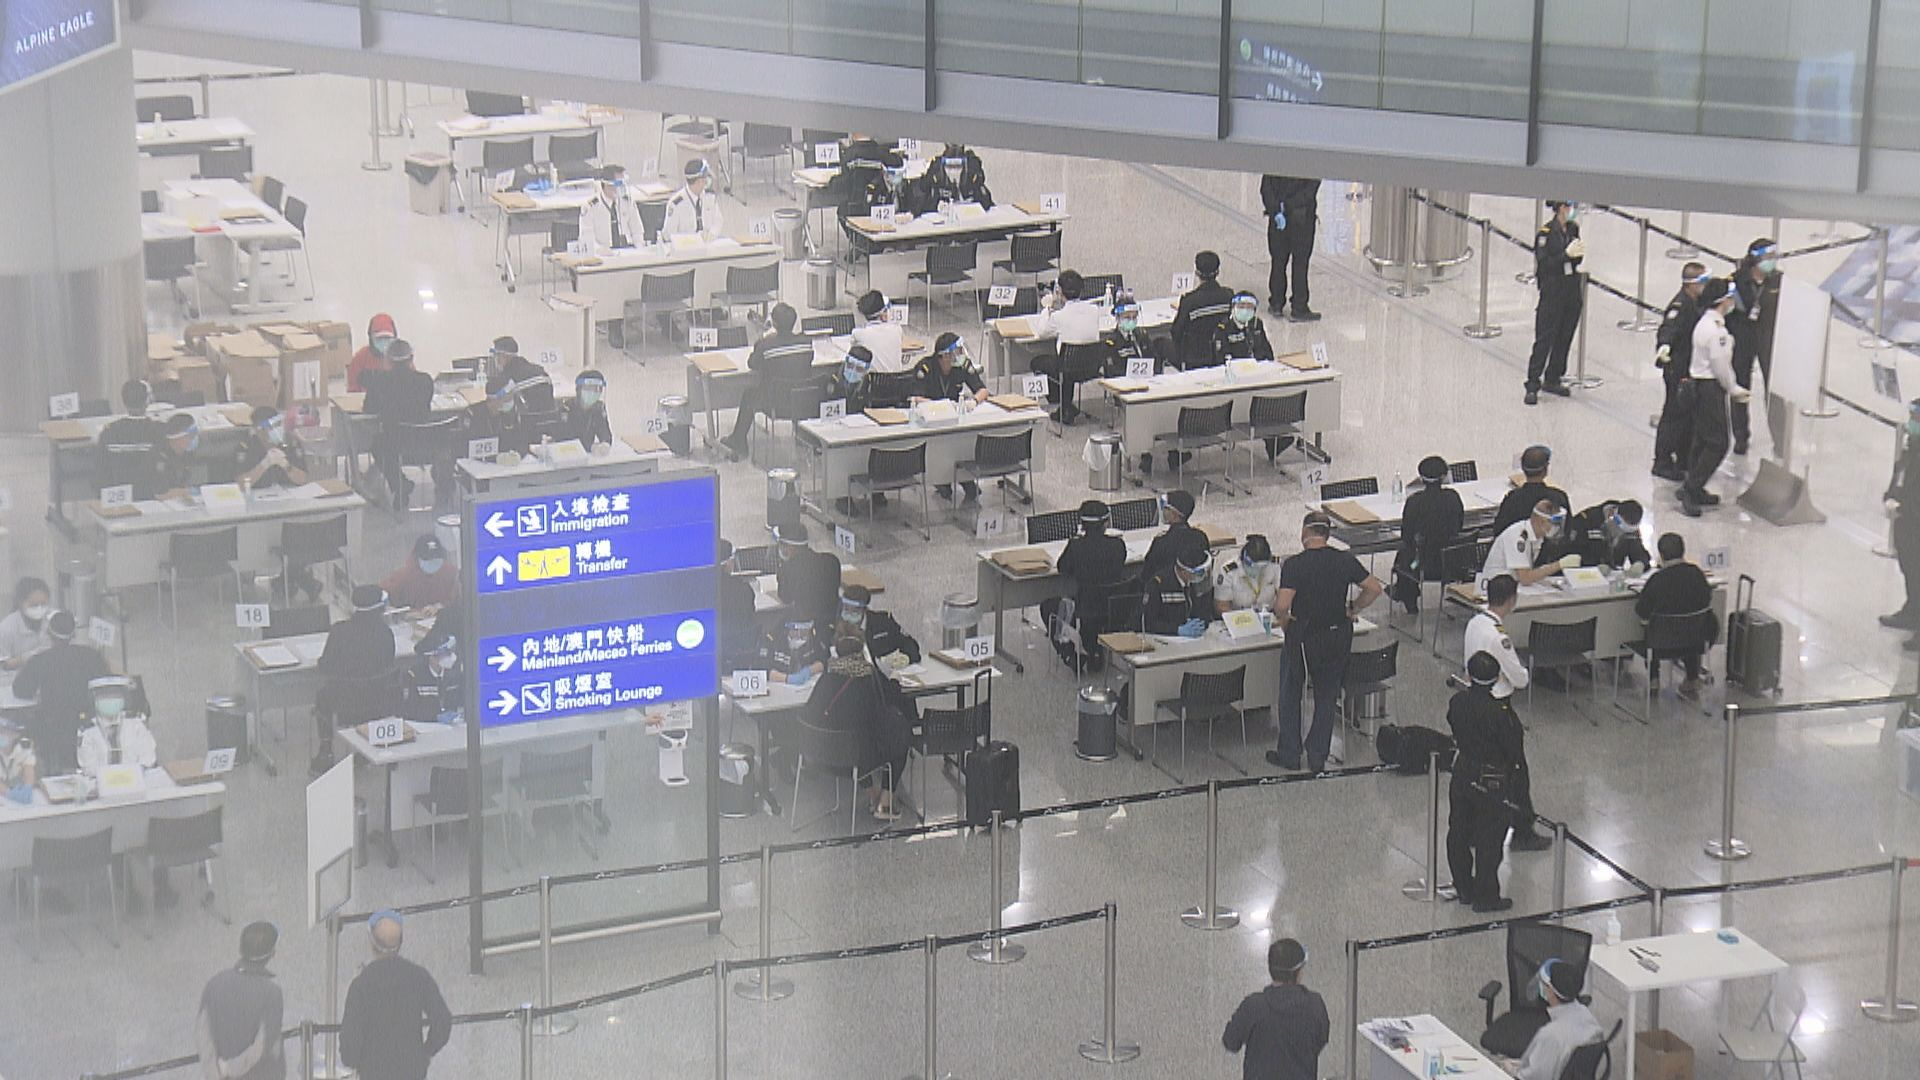 【星港旅遊氣泡】香港出發旅客最多接受3次檢測